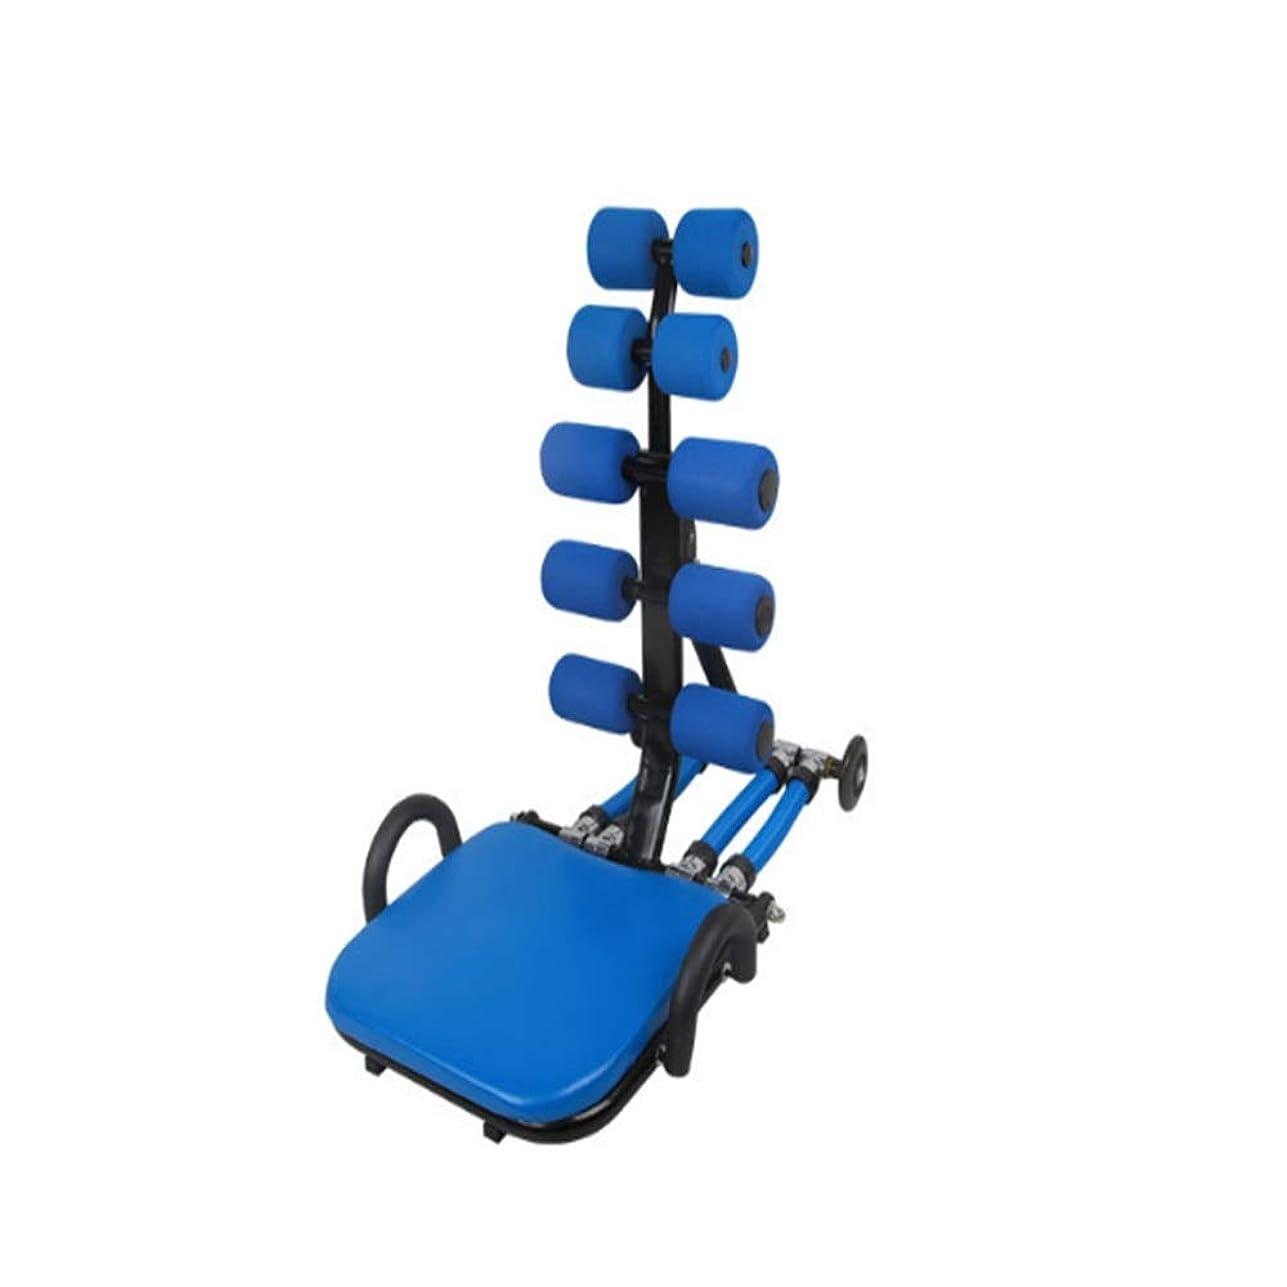 制限されたパス光沢マルチシットアップベンチ 多機能腹部機器、シットアップボード、スポーツ腹部運動マシン トレーニングベンチ